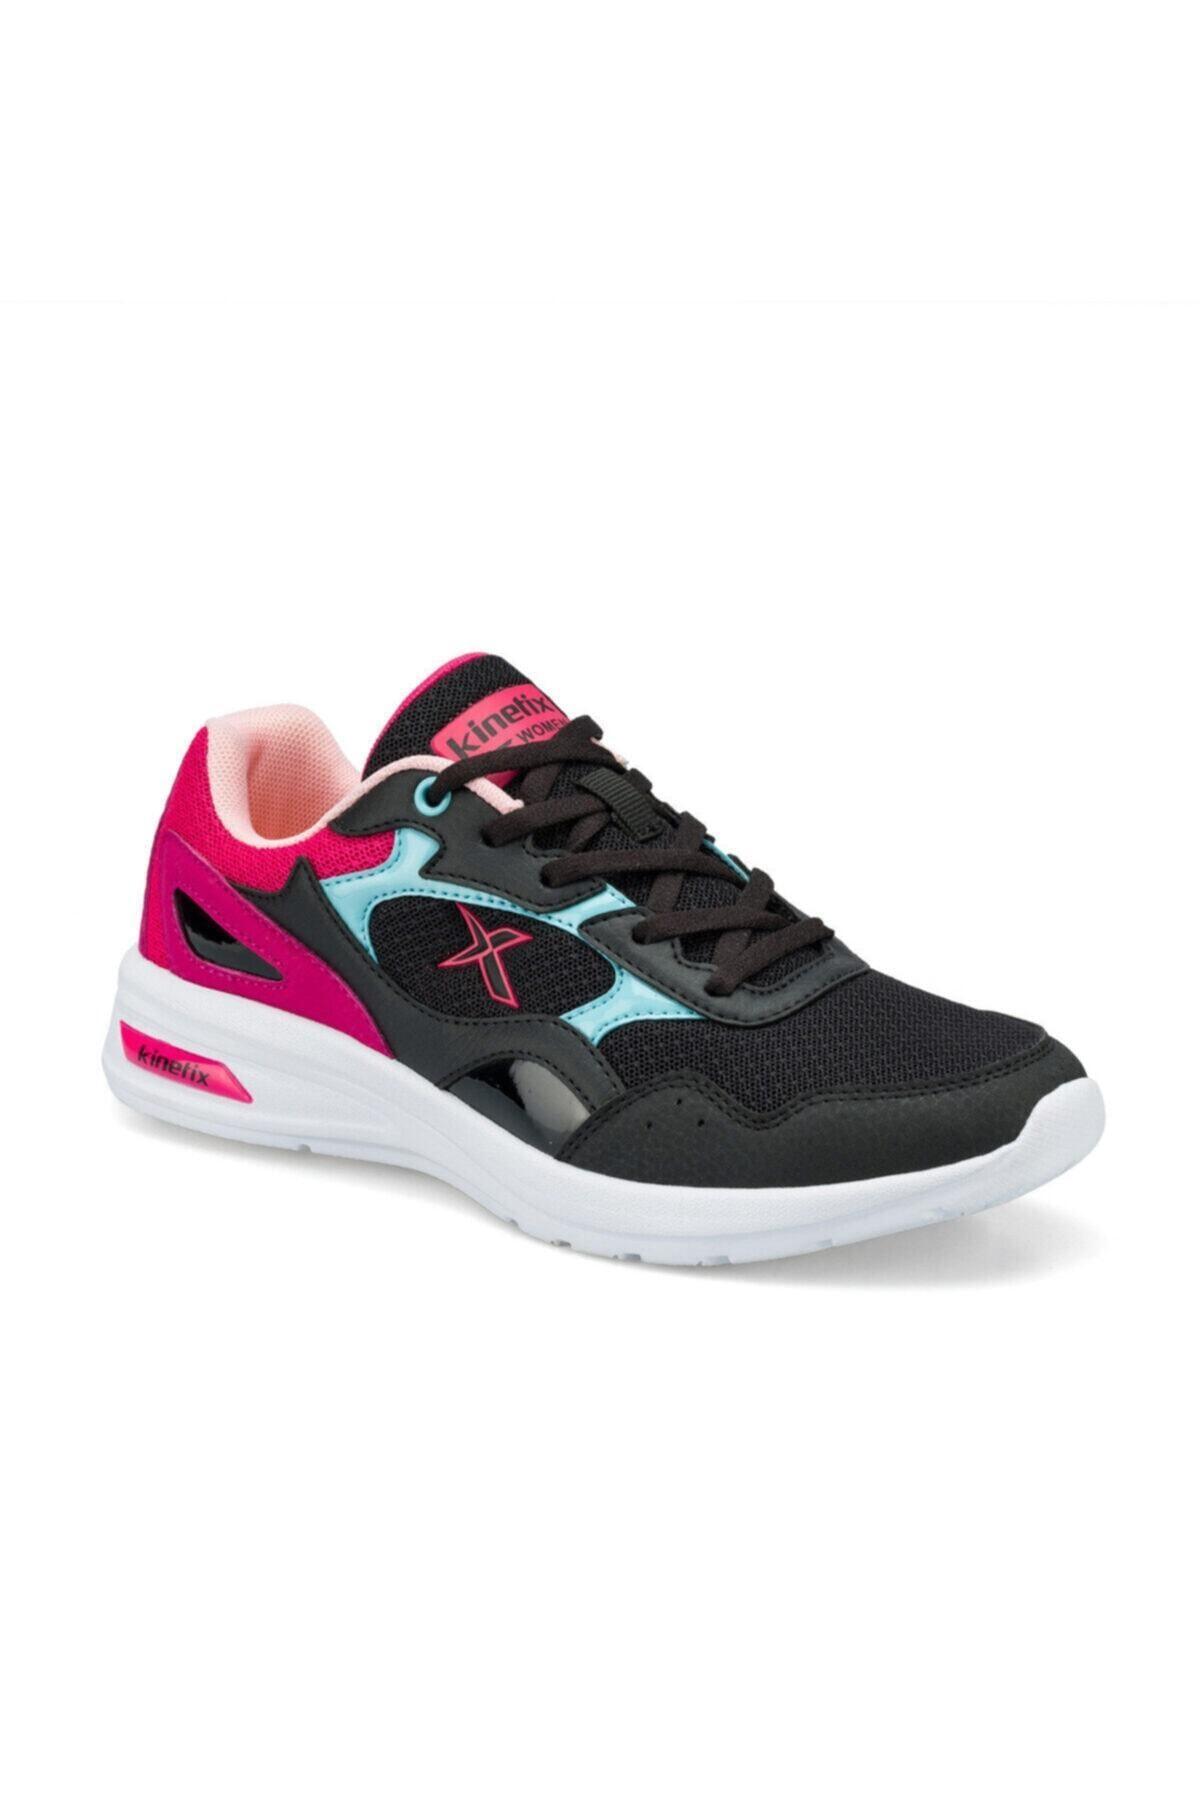 Pılow W Siyah Kadın Koşu Ayakkabısı